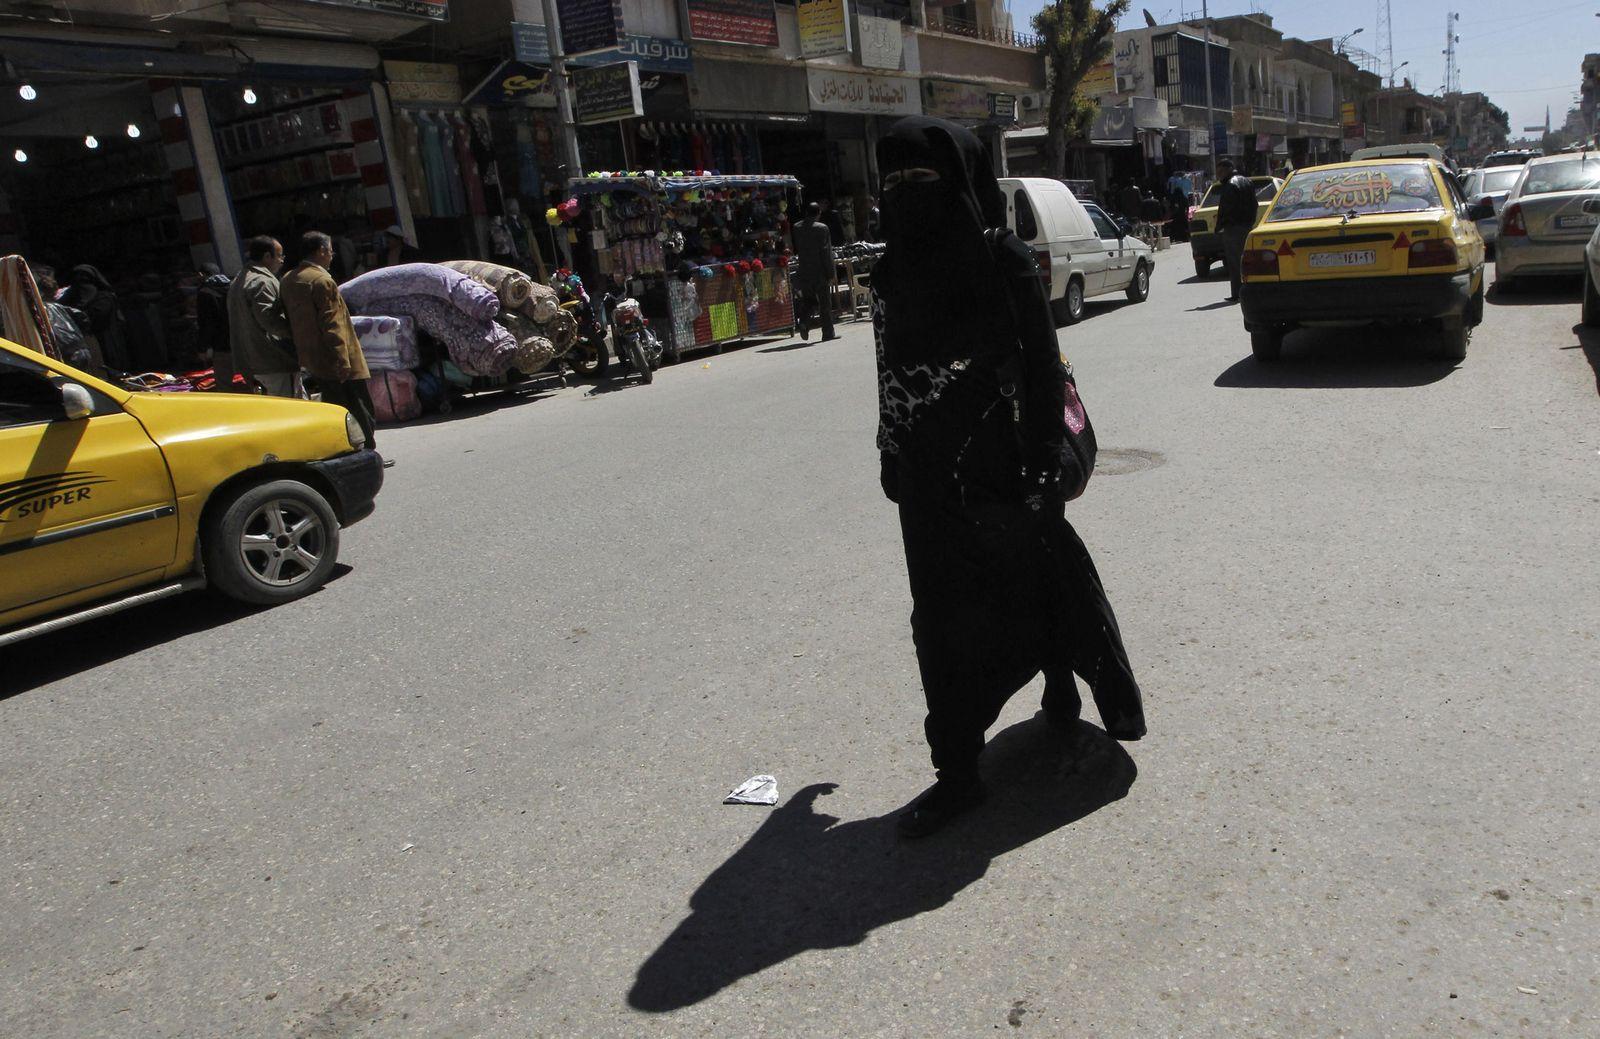 Foto: Una mujer con 'niqab' camina por las calles de Raqqa, la capital siria del autodenominado Estado Islámico, el 31 de marzo de 2014. (Reuters)